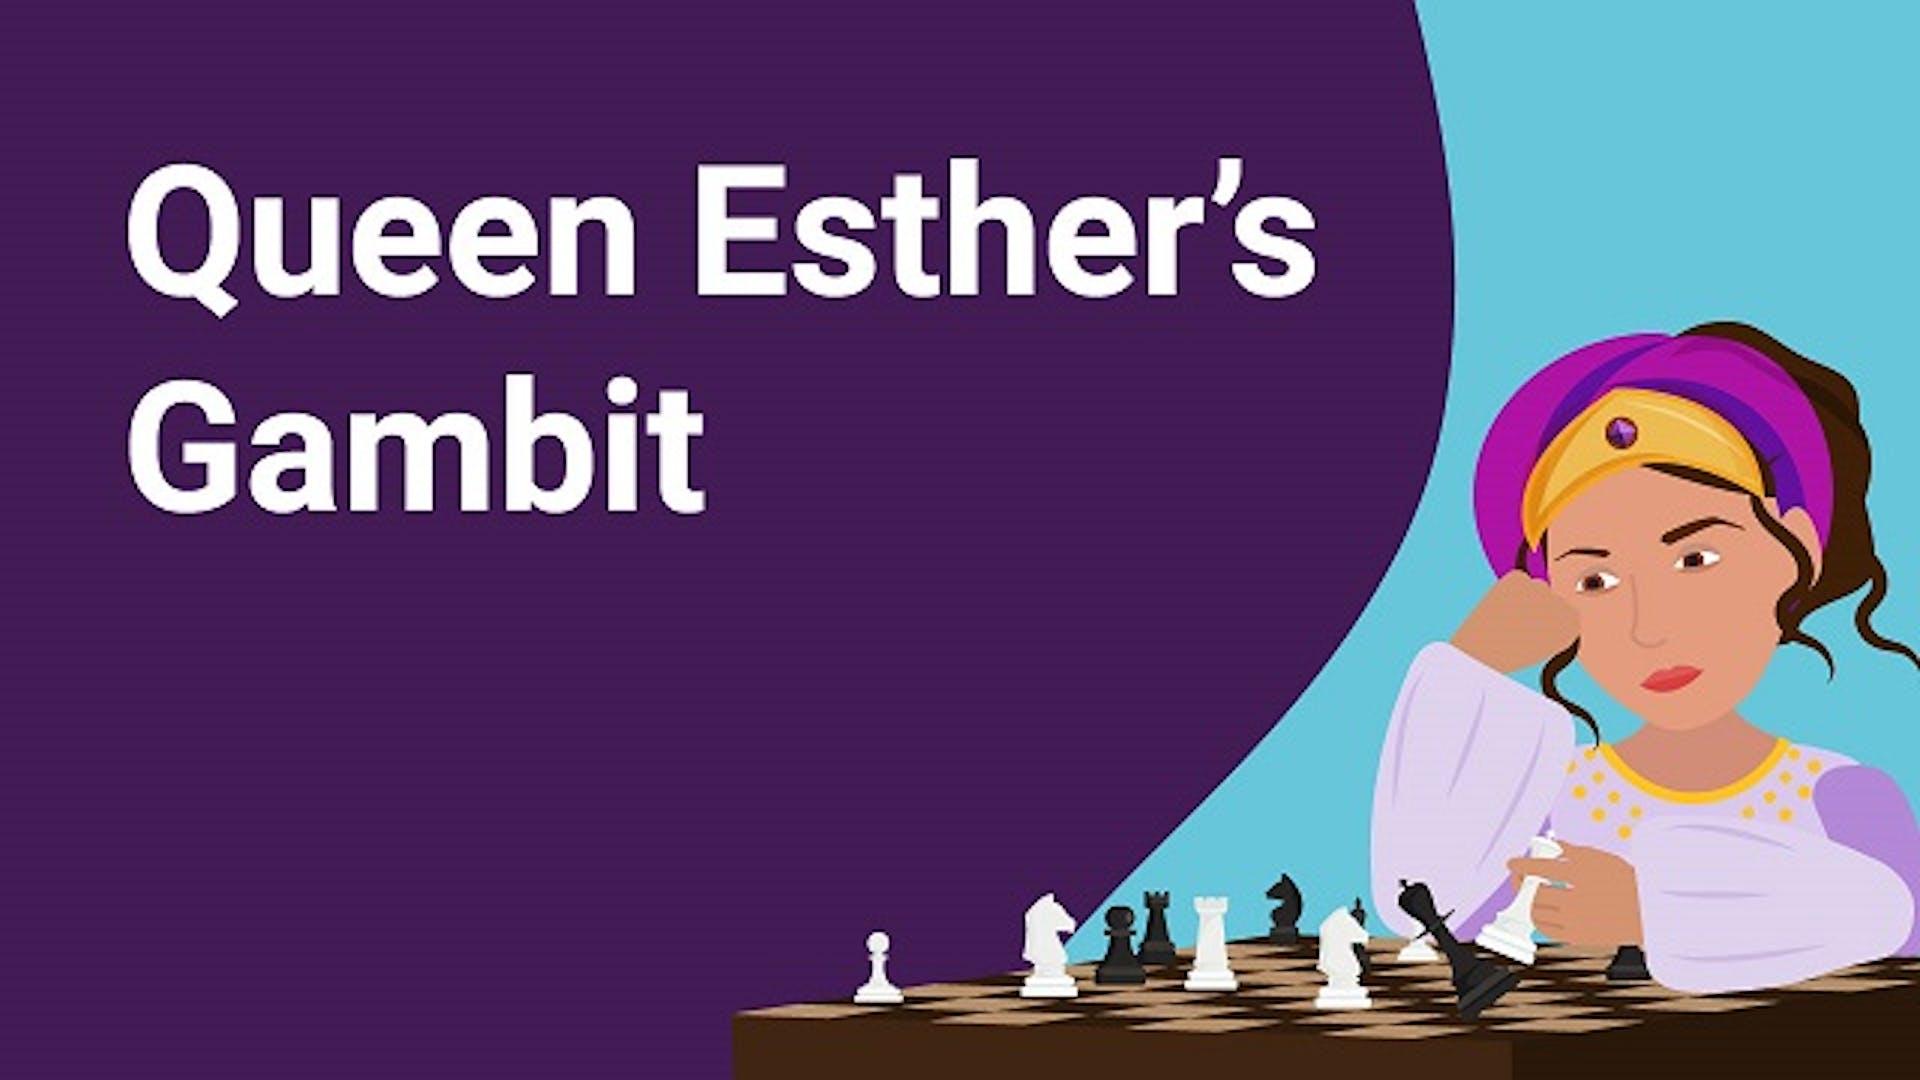 Queen Esther's Gambit